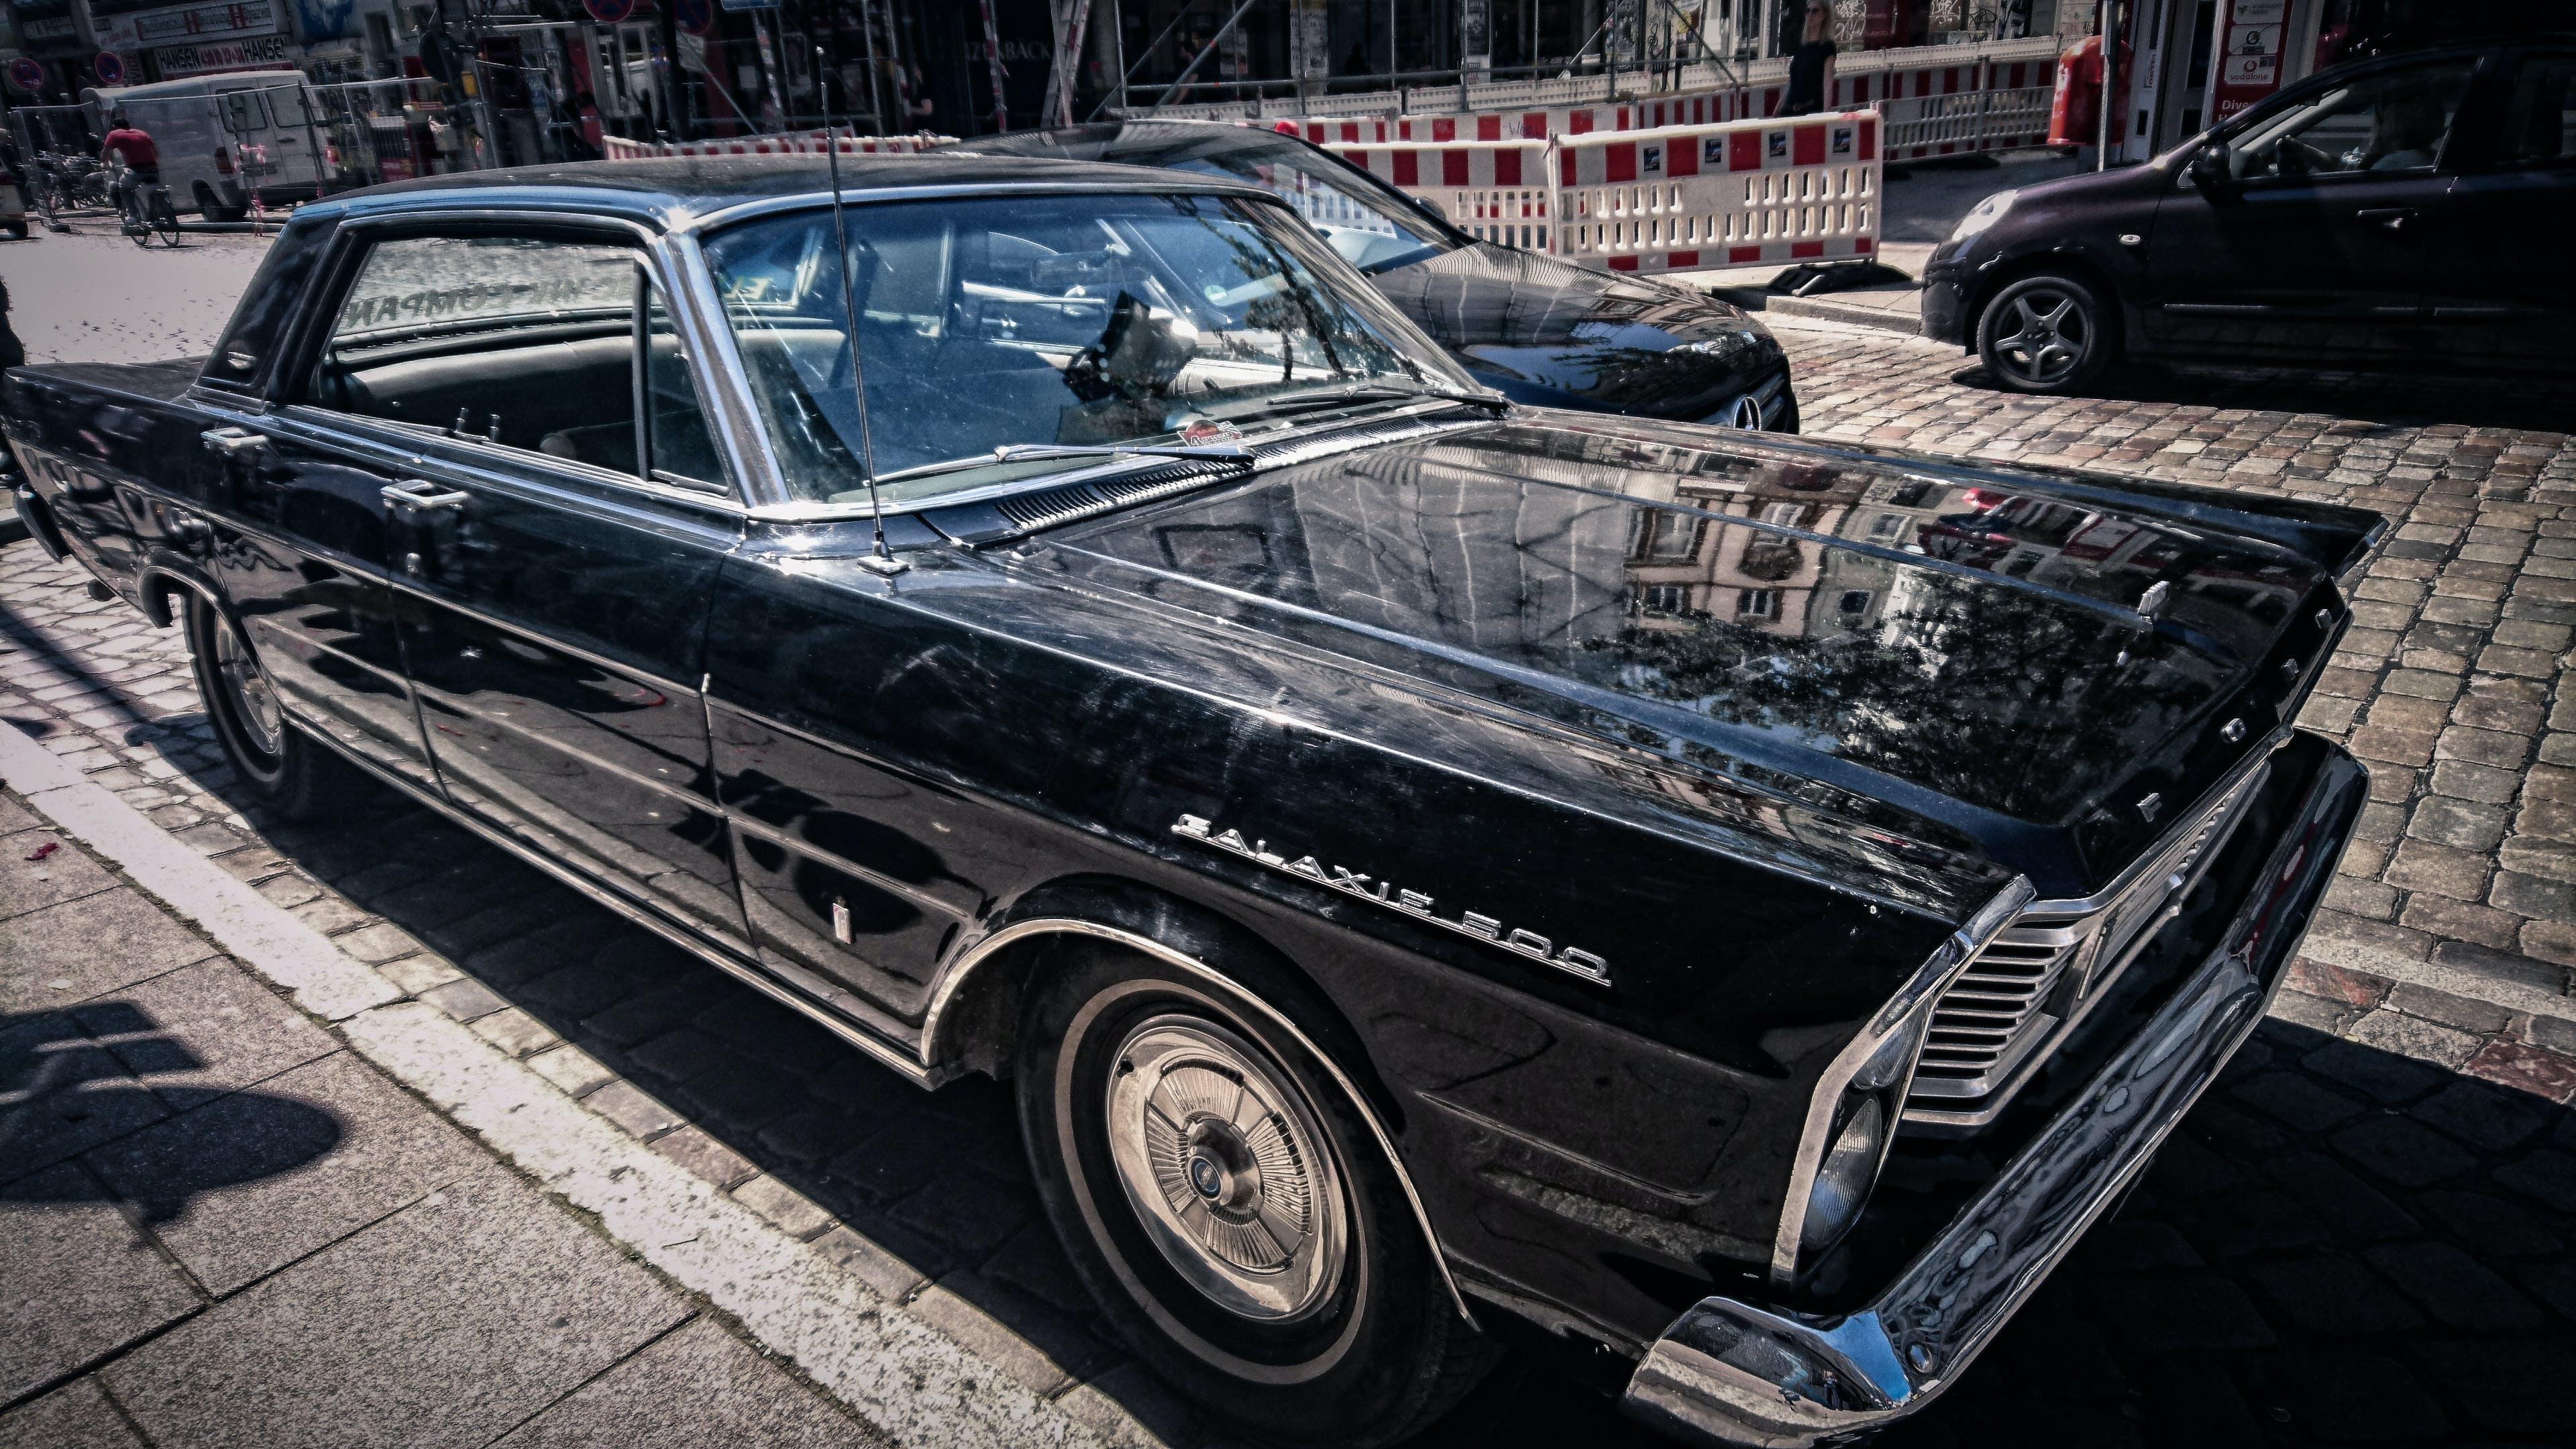 Kostenloses Stock Foto zu autos, straße, fahrzeuge, vintage